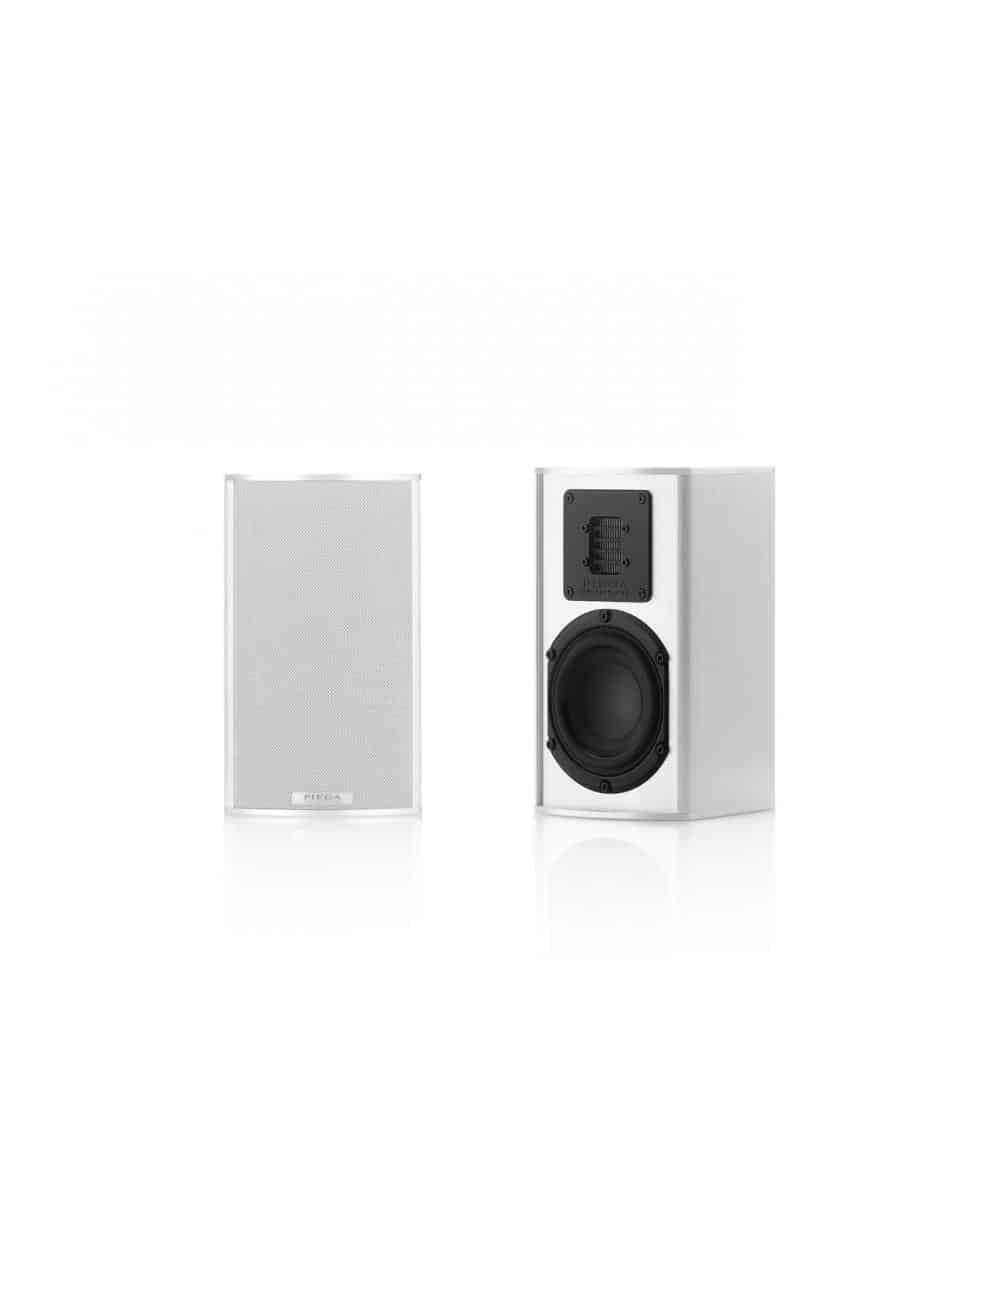 diffusori acustici HiFi e Home Theater da scaffale o da stand, Piega TMicro 40 AMT, finitura aluminium silver